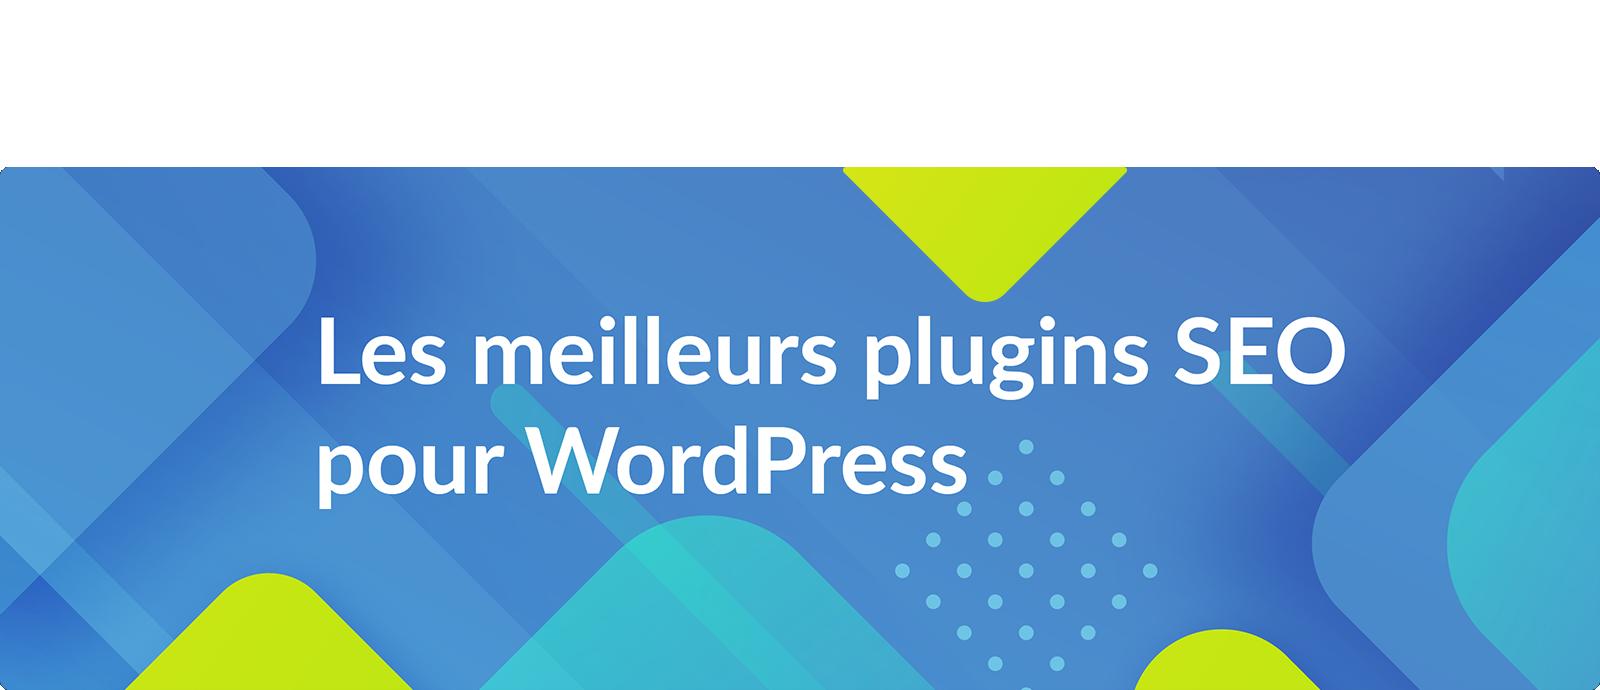 Meilleurs plugins SEO wordpress